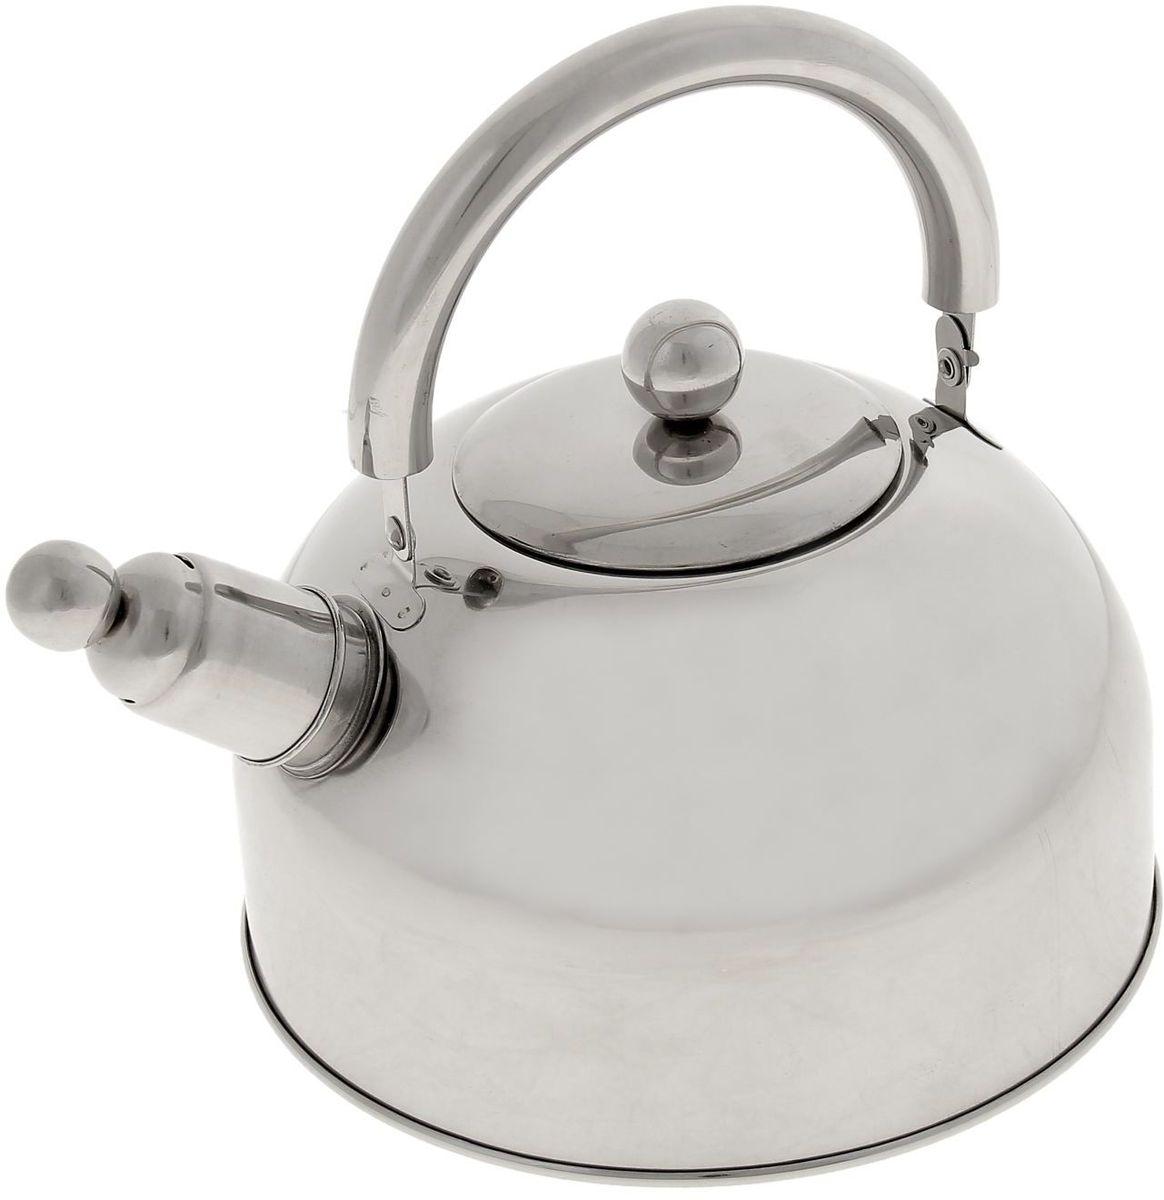 Чайник Доляна Классика, со свистком, 2,5 л851932Бытовая посуда из нержавеющей стали славится неприхотливостью в уходе и безукоризненной функциональностью. Коррозиестойкий сплав обеспечивает гигиеничность изделий. Чайники из этого материала абсолютно безопасны для здоровья человека. Чем привлекательна посуда из нержавейки? Чайник из нержавеющей стали станет удачной находкой для дома или ресторана: благодаря низкой теплопроводности модели вода дольше остается горячей; необычный дизайн радует глаз и поднимает настроение; качественное дно гарантирует быстрый нагрев. Как продлить срок службы? Ухаживать за новым приобретением элементарно просто, но стоит помнить о нескольких нехитрых правилах. Во-первых, не следует применять абразивные инструменты и сильнохлорированные моющие средства. Во-вторых, не оставляйте пустую посуду на плите. В-третьих, если вы уезжаете из дома на длительное время - выливайте воду из чайника. Если на внутренней поверхности изделия появились пятна, используйте для их удаления несколько капель уксусной или лимонной...